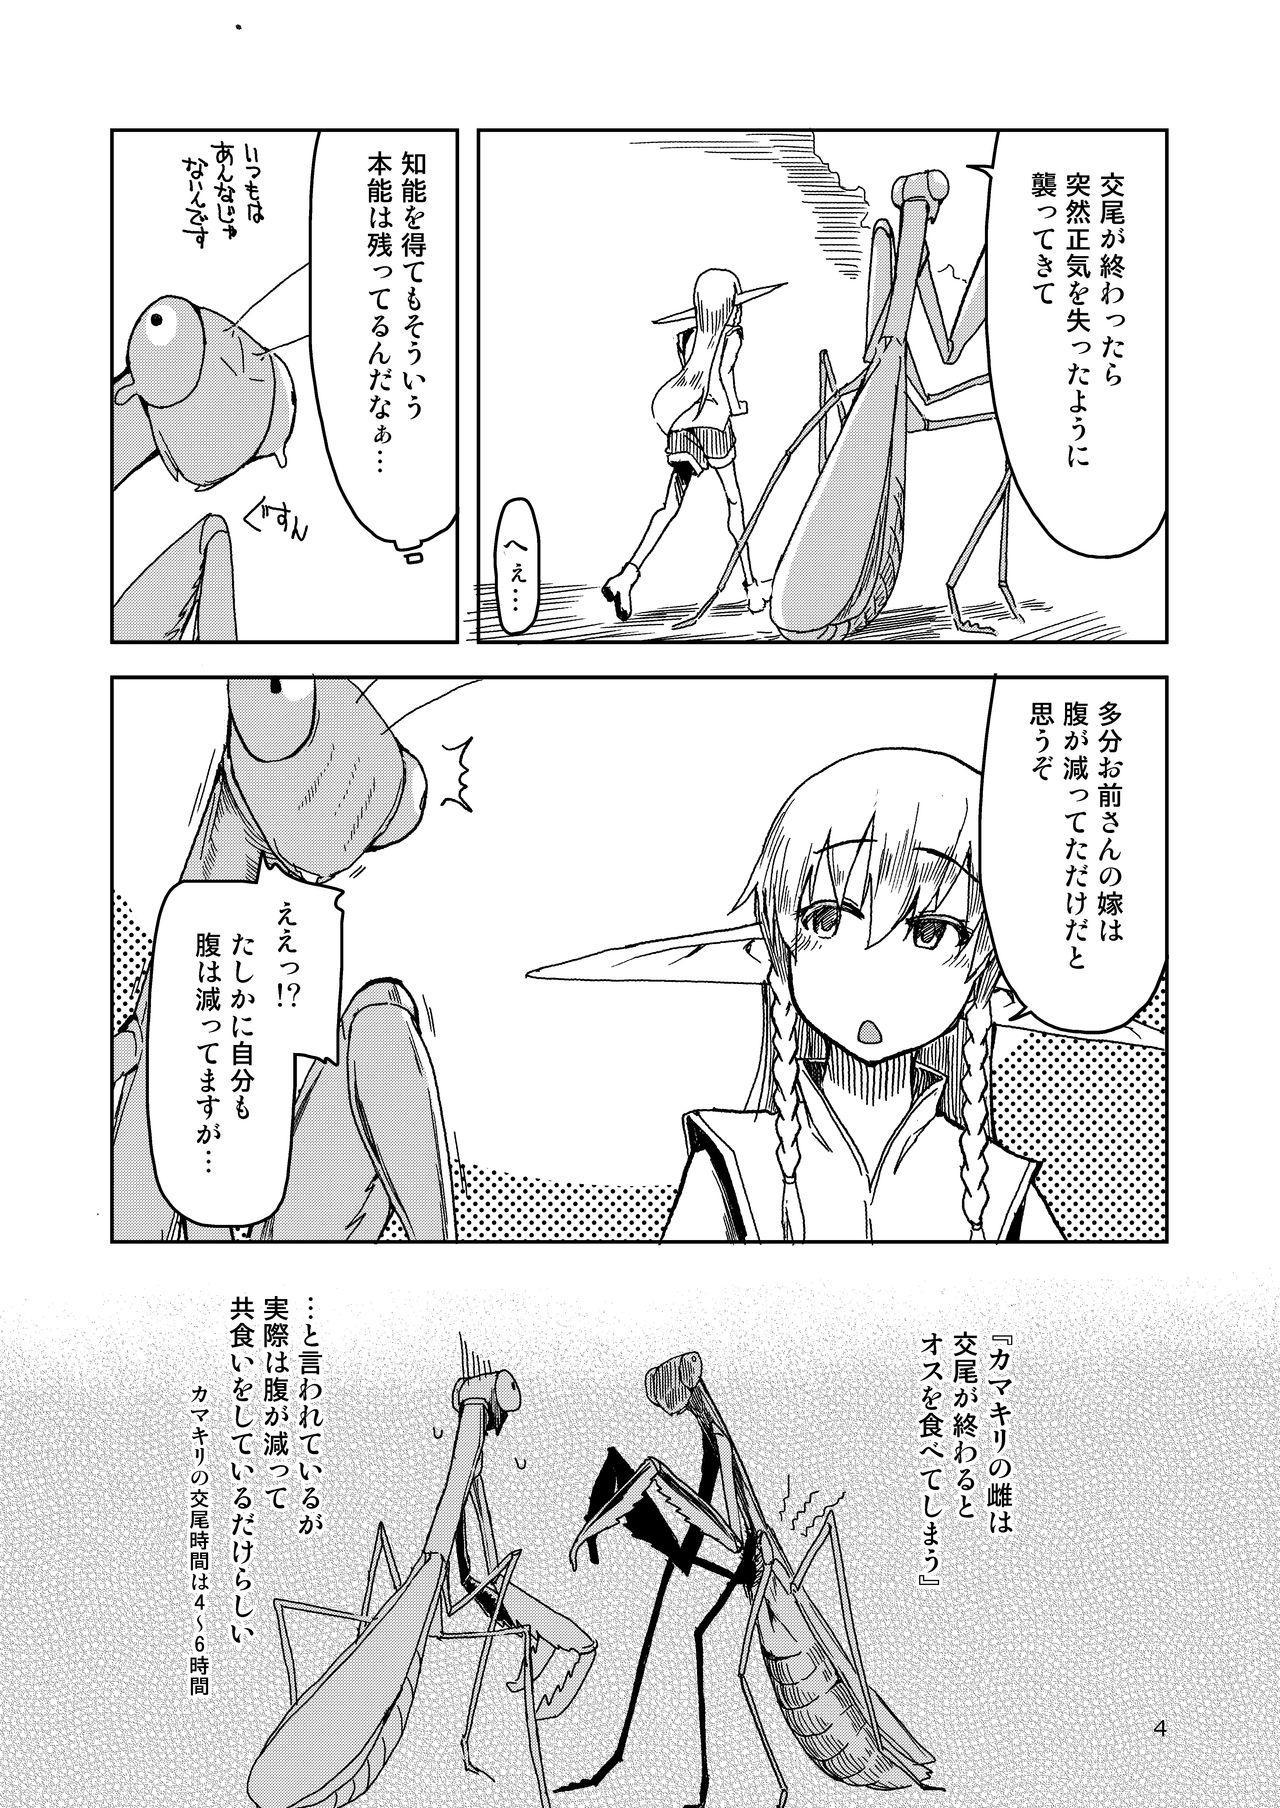 Dosukebe Elf no Ishukan Nikki Matome 2 4